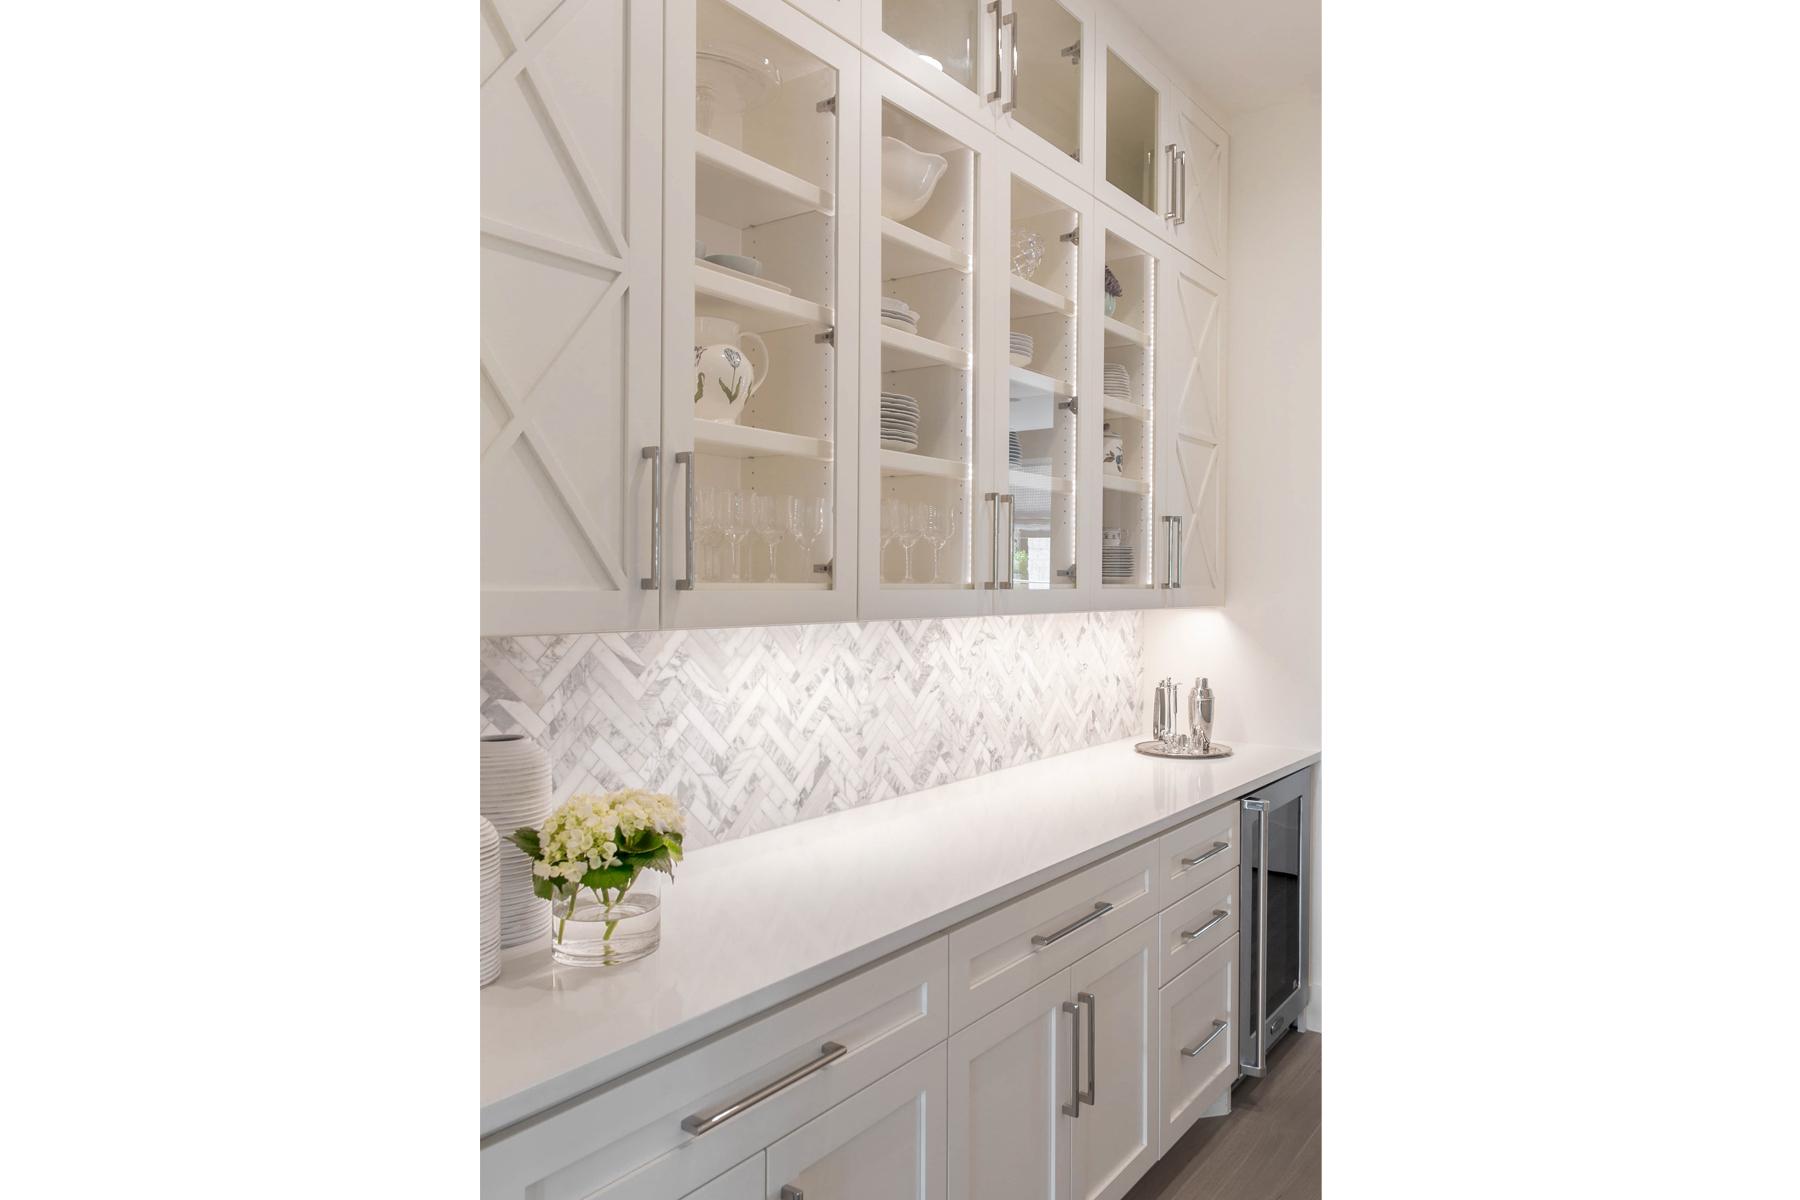 lake-austin-residence-kitchen-detail